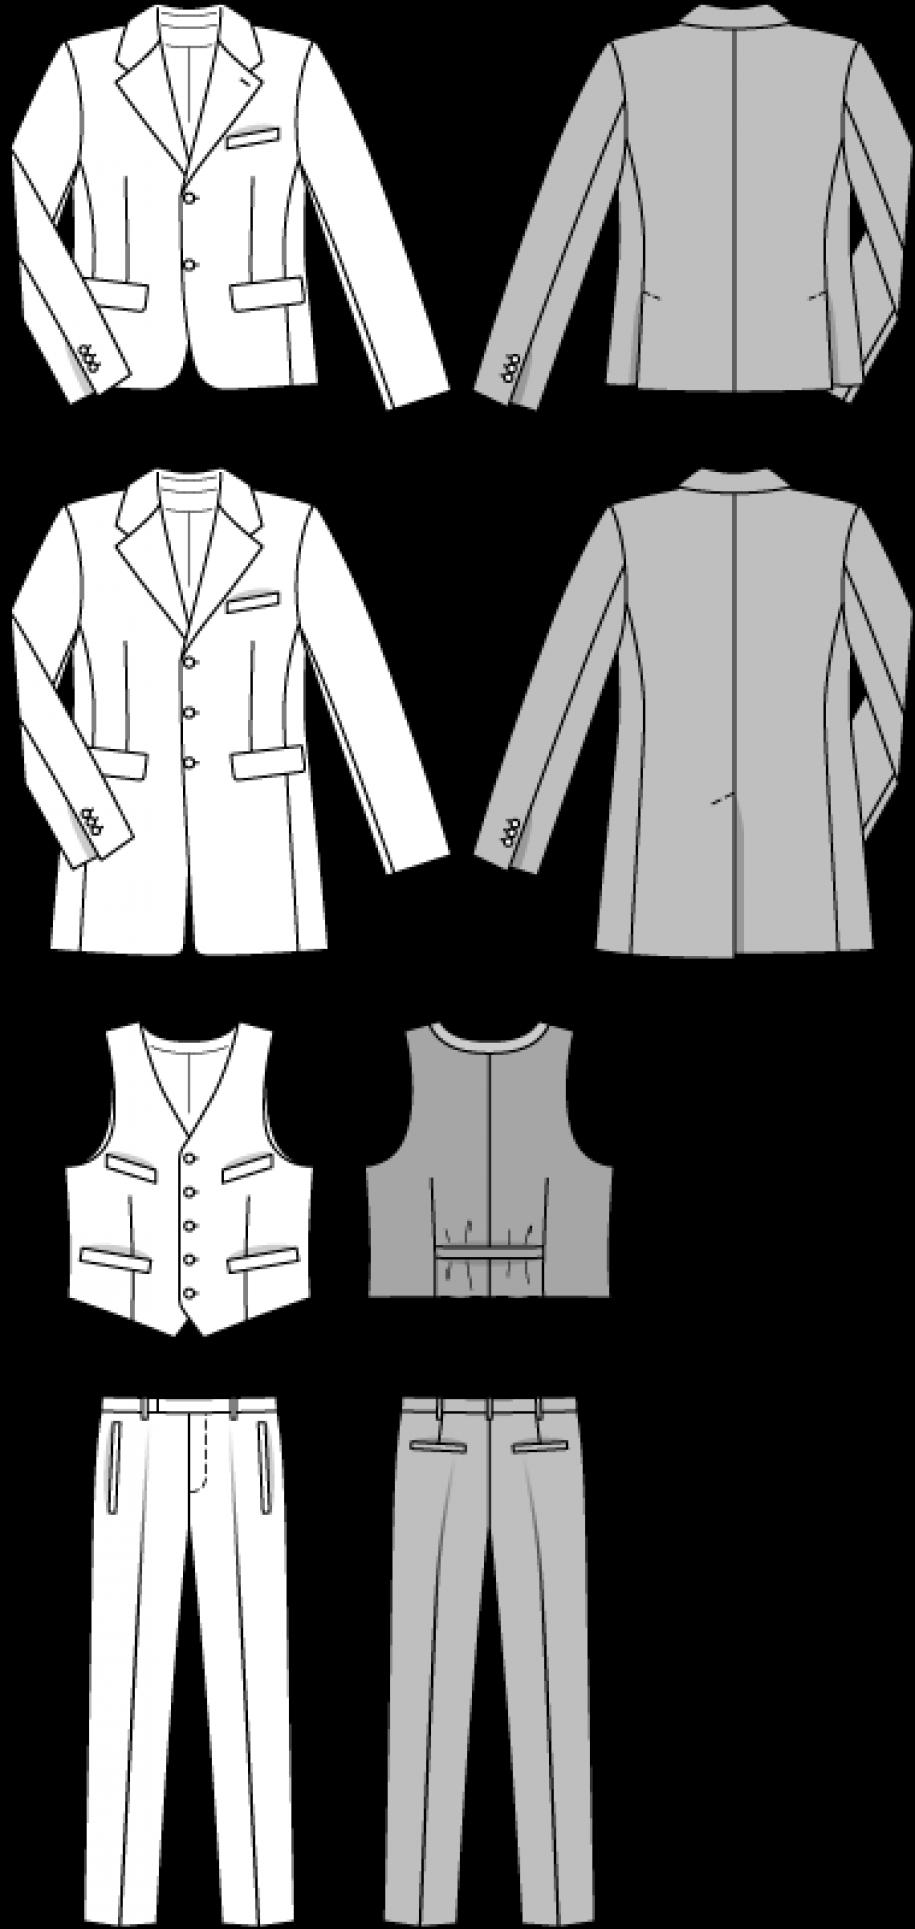 Burda Style Men\'s Suit 6871 - The Foldline